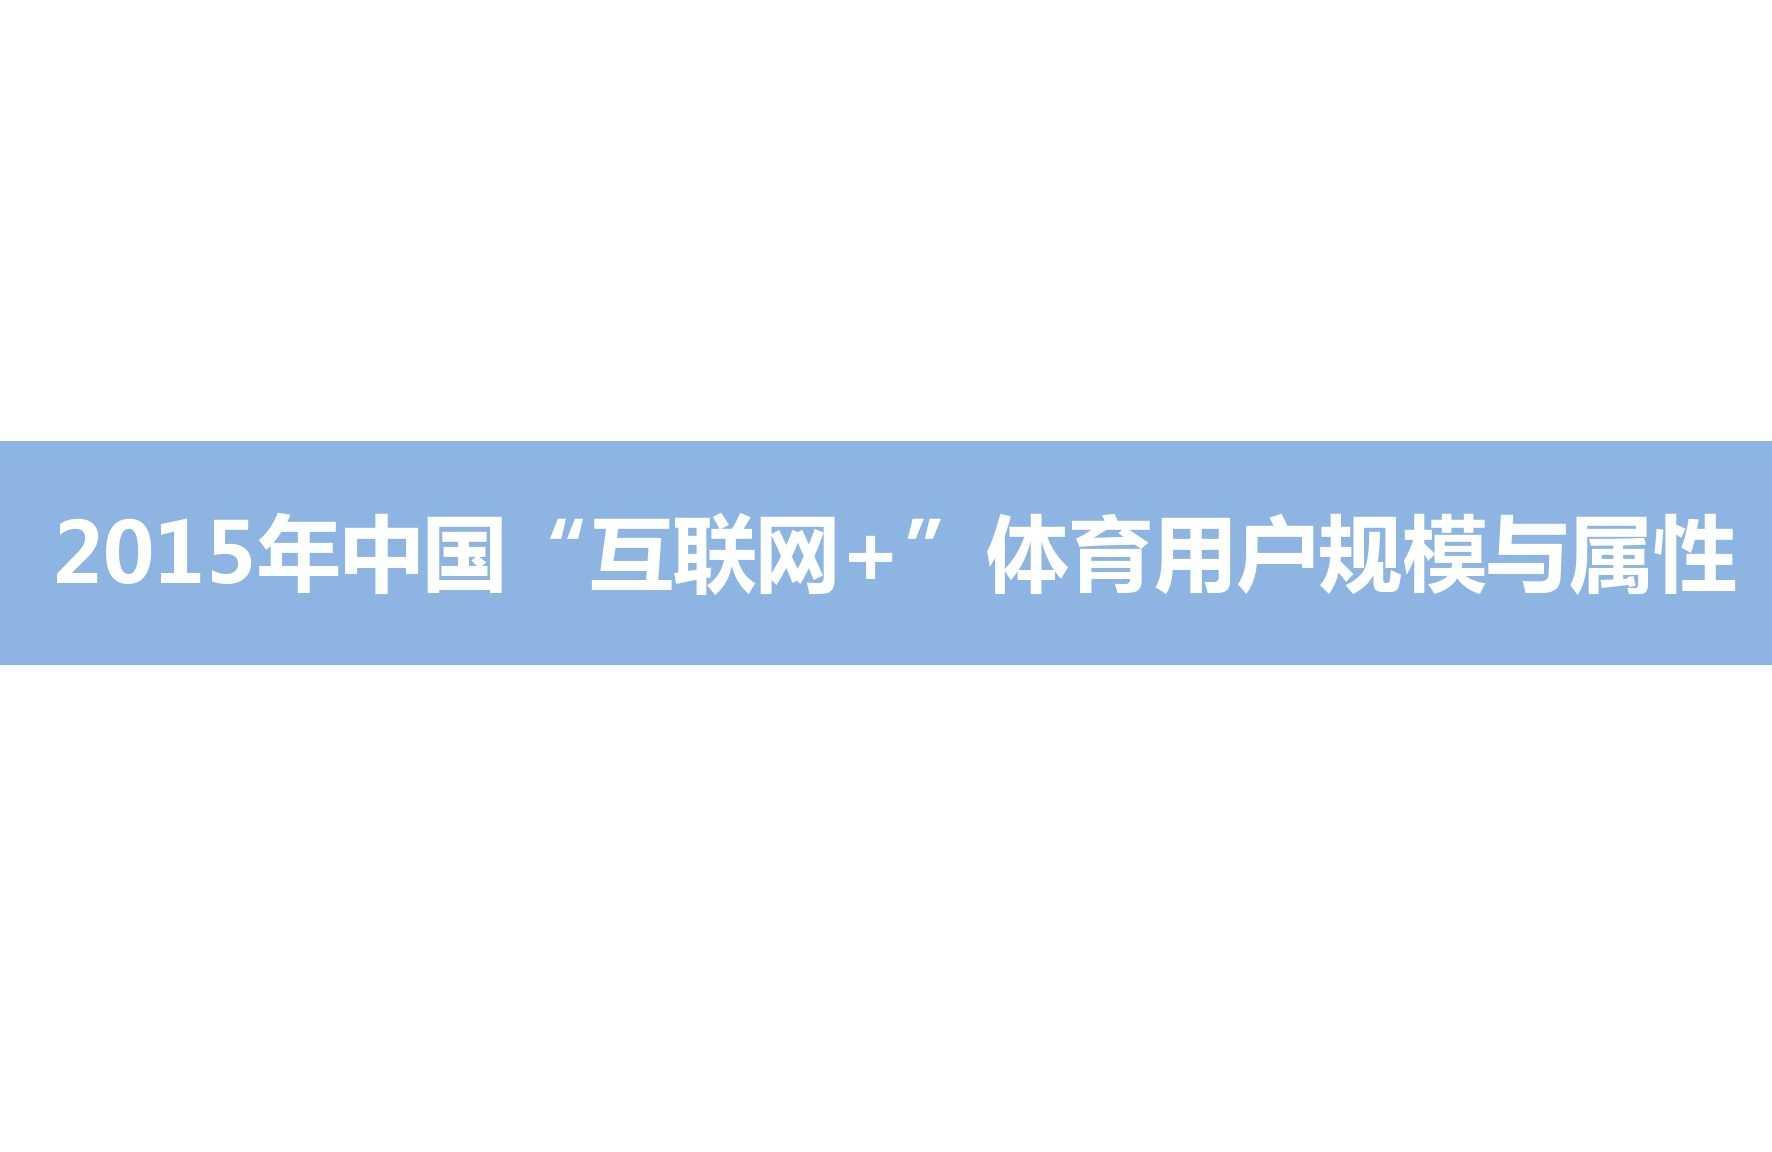 """艾媒咨询:2015年中国""""互联网+""""体育研究_000017"""